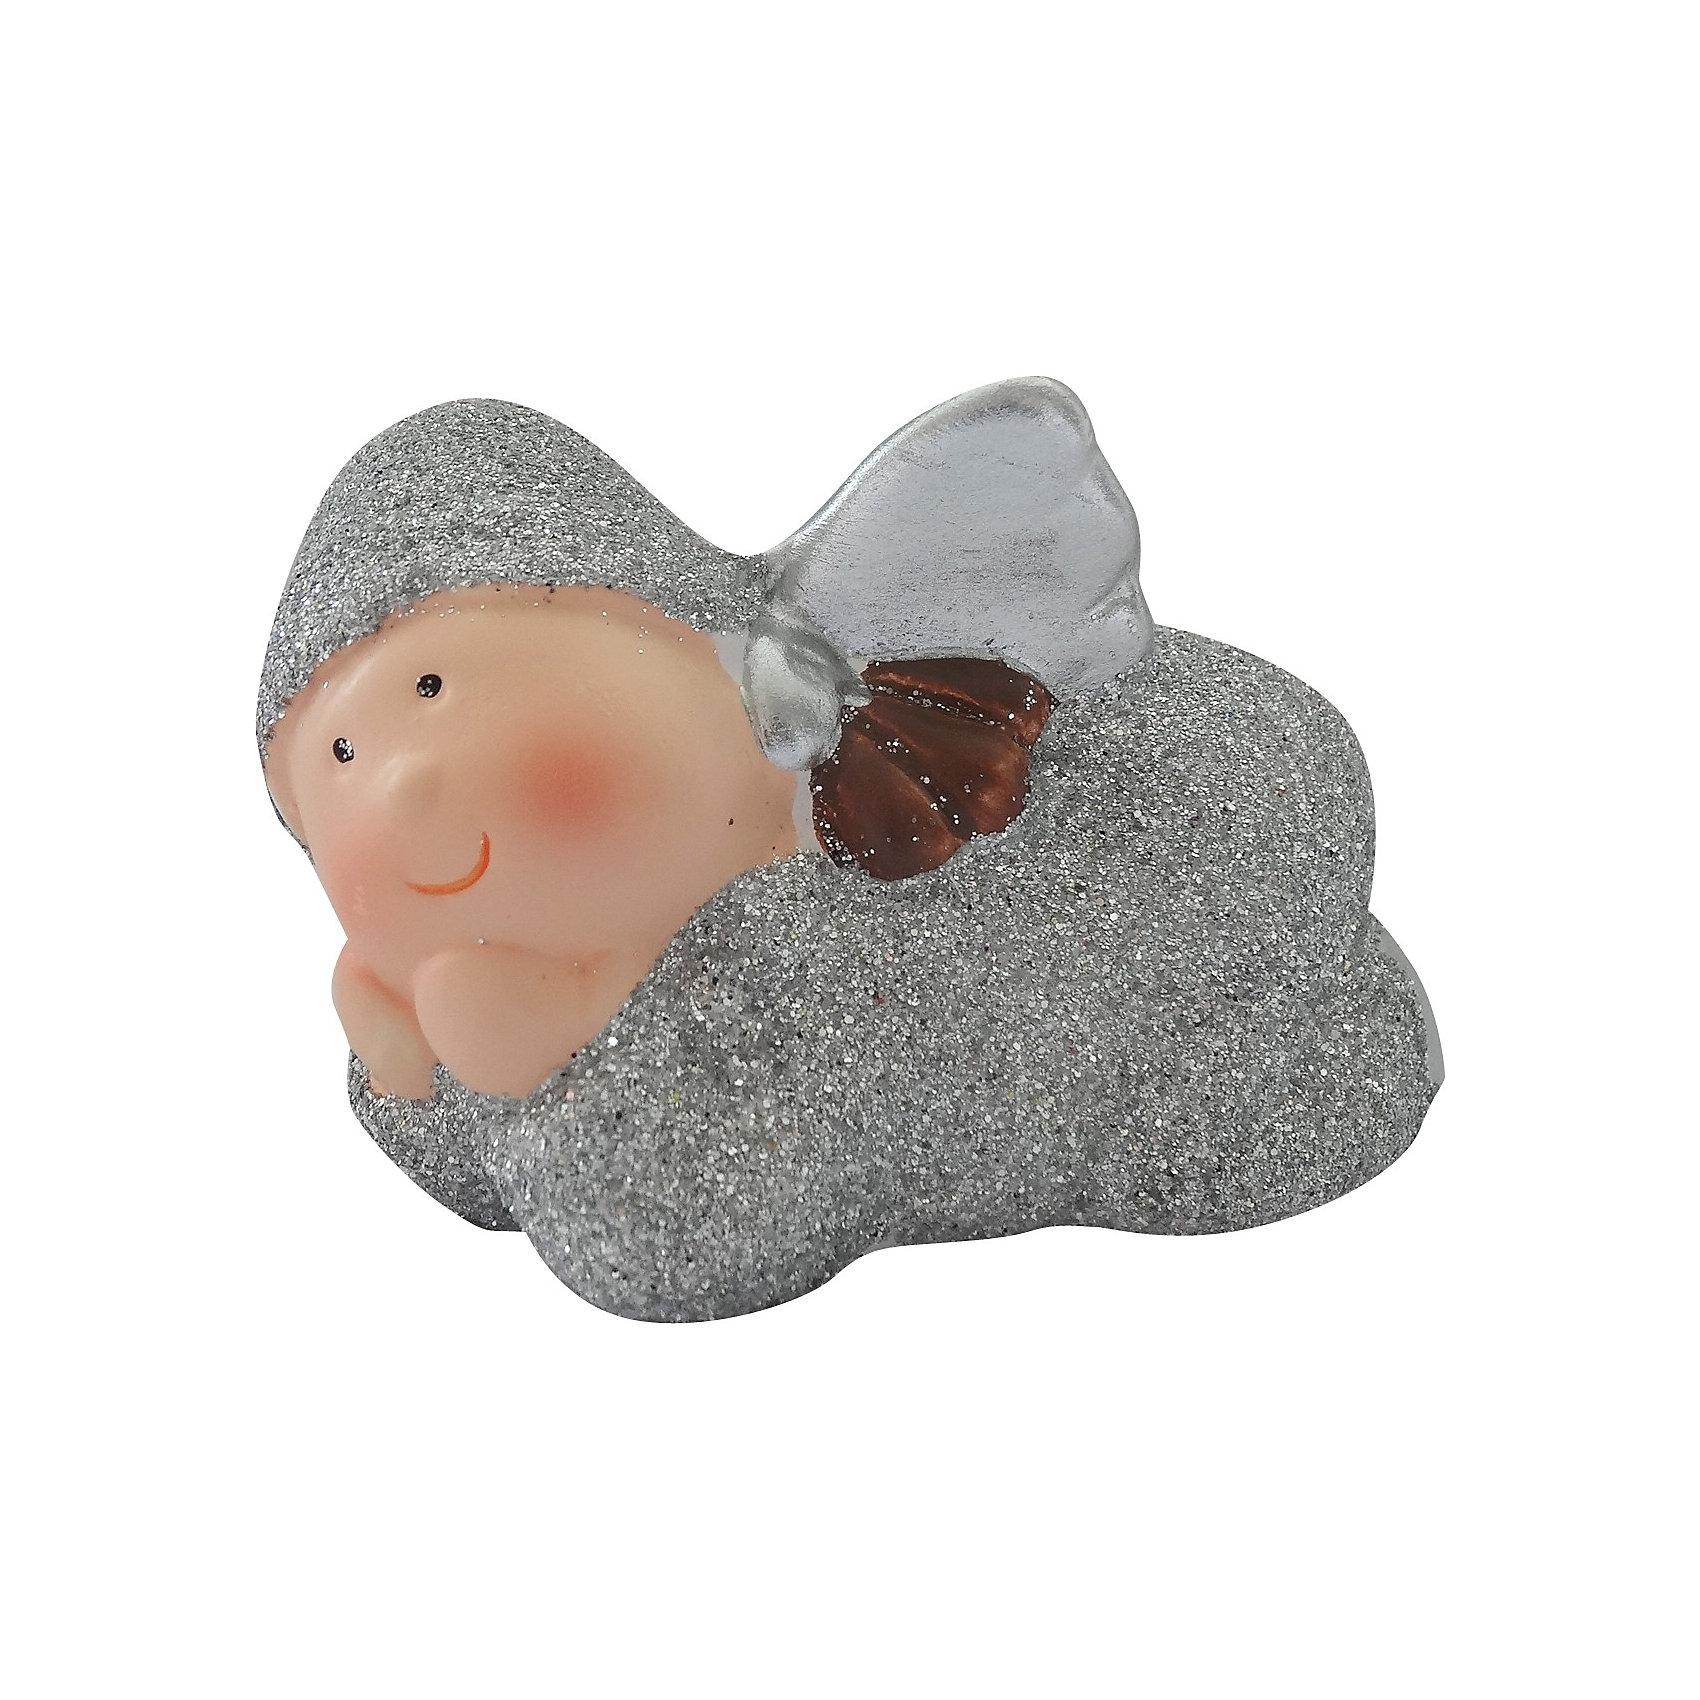 Сувенир керамический АнгелСувенир керамический Ангел, Волшебная страна станет замечательным украшением Вашего новогоднего интерьера и приятным подарком для родных и друзей. Сувенир<br>выполнен в виде фигурки забавного ангелочка в серебристом наряде. <br><br>Дополнительная информация:<br><br>- Материал: керамика.<br>- Размер: 7,6 x 4,7 x 4,9 см.<br>- Вес: 80 гр. <br><br>Сувенир керамический Ангел, Волшебная страна можно купить в нашем интернет-магазине.<br><br>Ширина мм: 520<br>Глубина мм: 60<br>Высота мм: 60<br>Вес г: 80<br>Возраст от месяцев: 60<br>Возраст до месяцев: 180<br>Пол: Унисекс<br>Возраст: Детский<br>SKU: 3791445